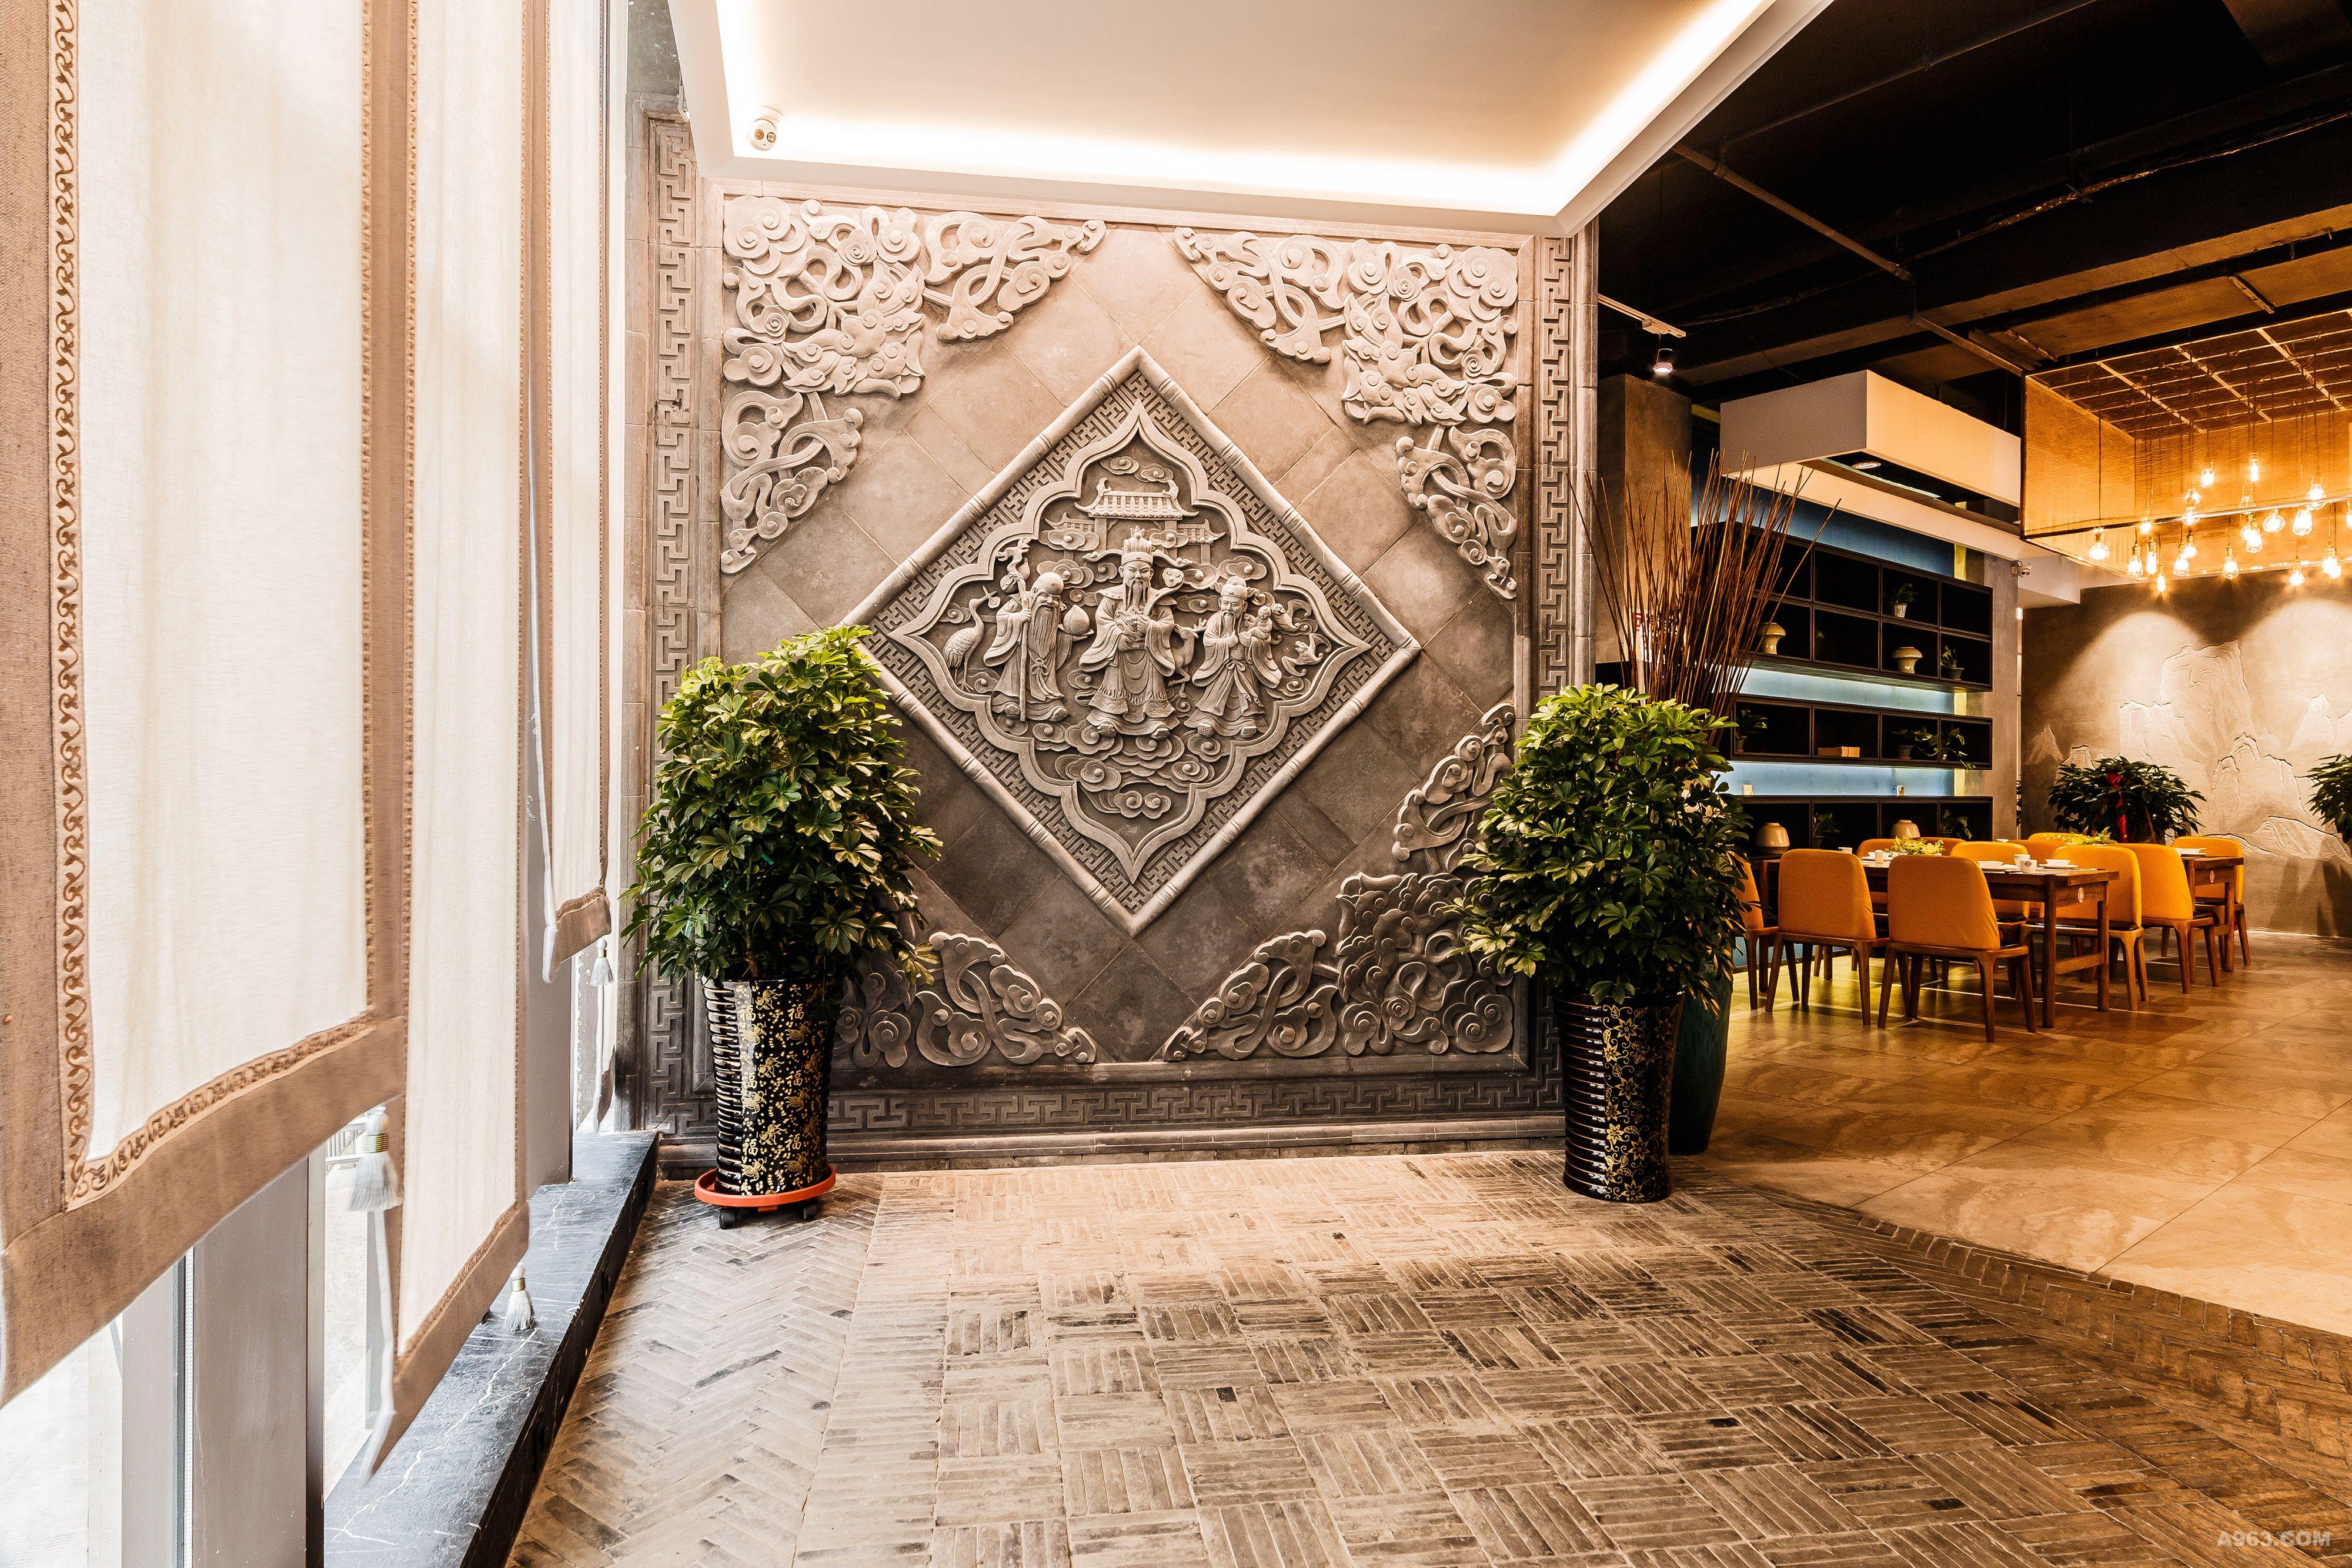 尚味·南舍餐厅 - 餐饮空间 - 陈轩设计作品案例